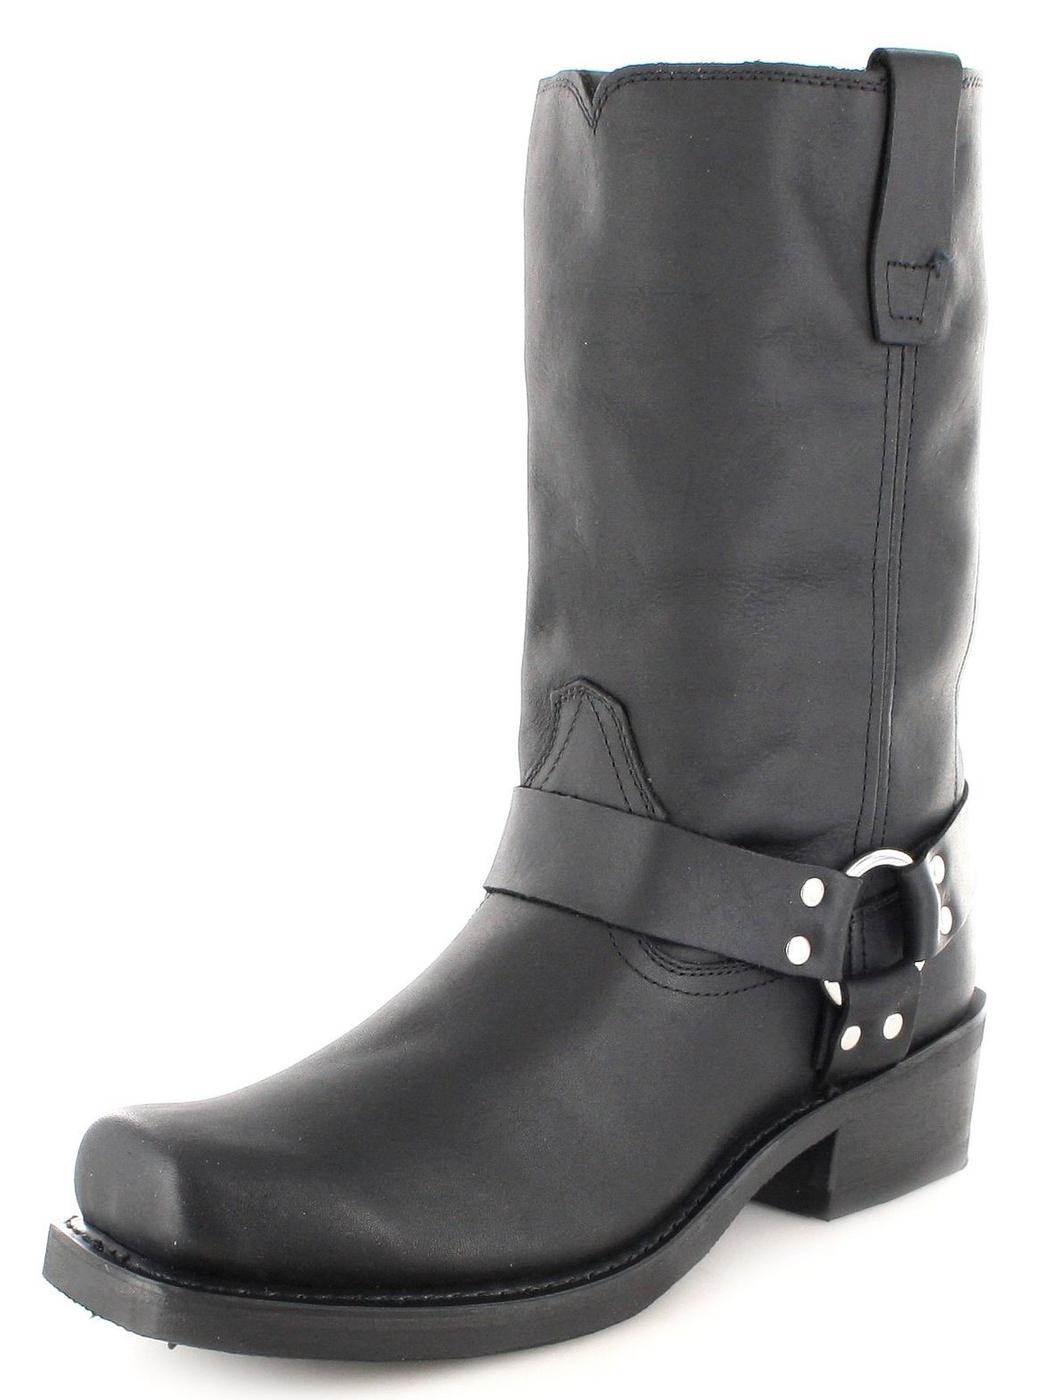 Durango Boots DB510 EE HARNESS Black Herren Bikerstiefel schwarz